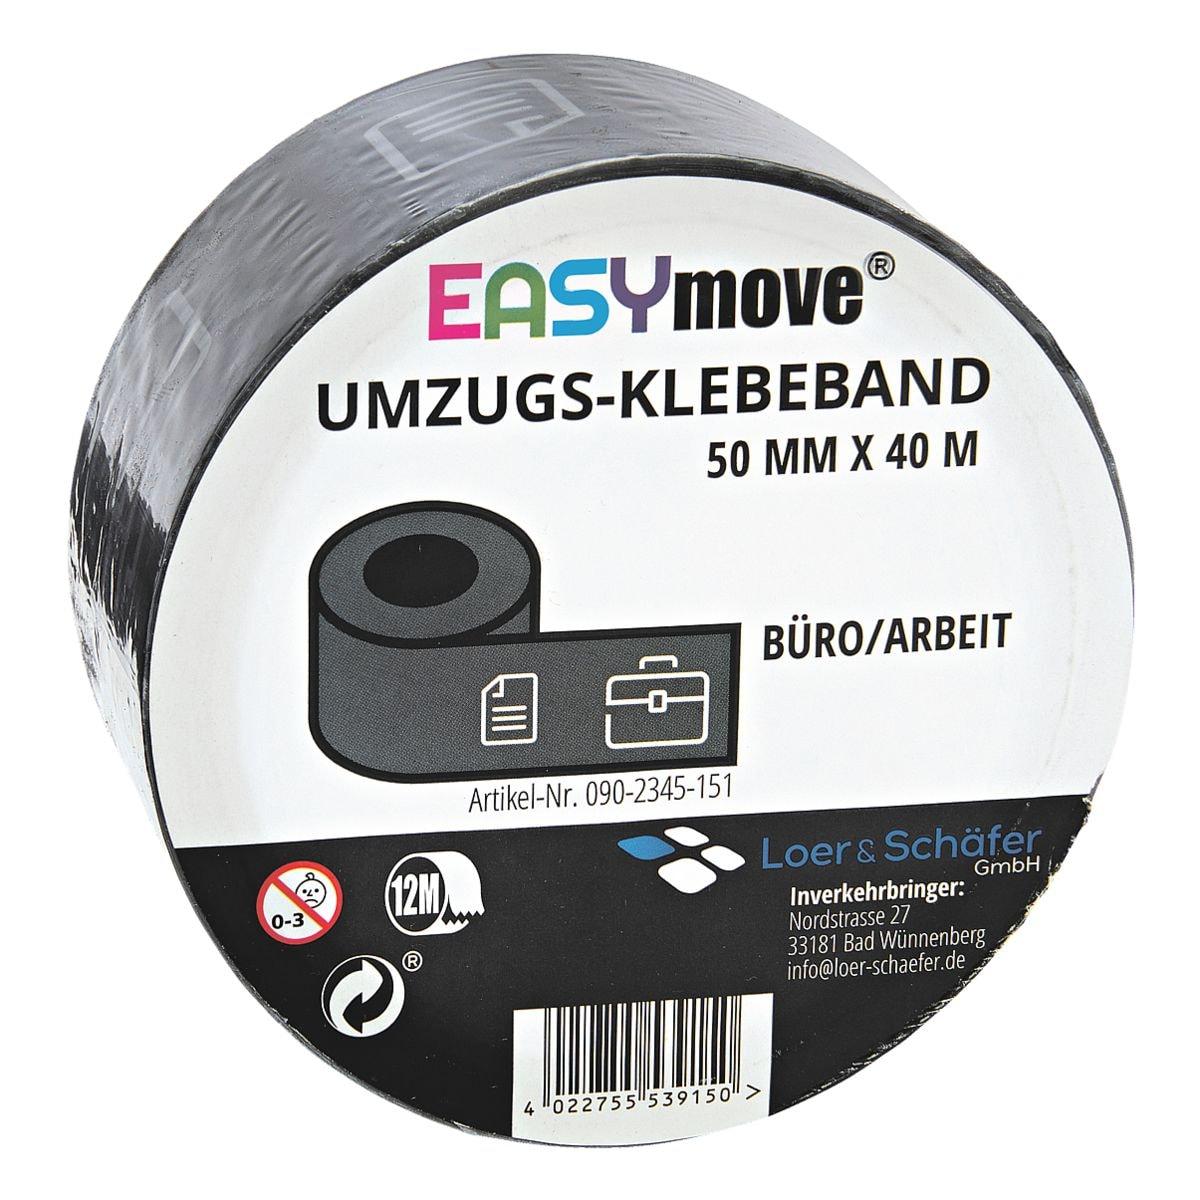 Loer & Schäfer Umzugs-Klebeband EasyMove® Büro/Arbeit grau, 50 mm breit, 40 Meter lang